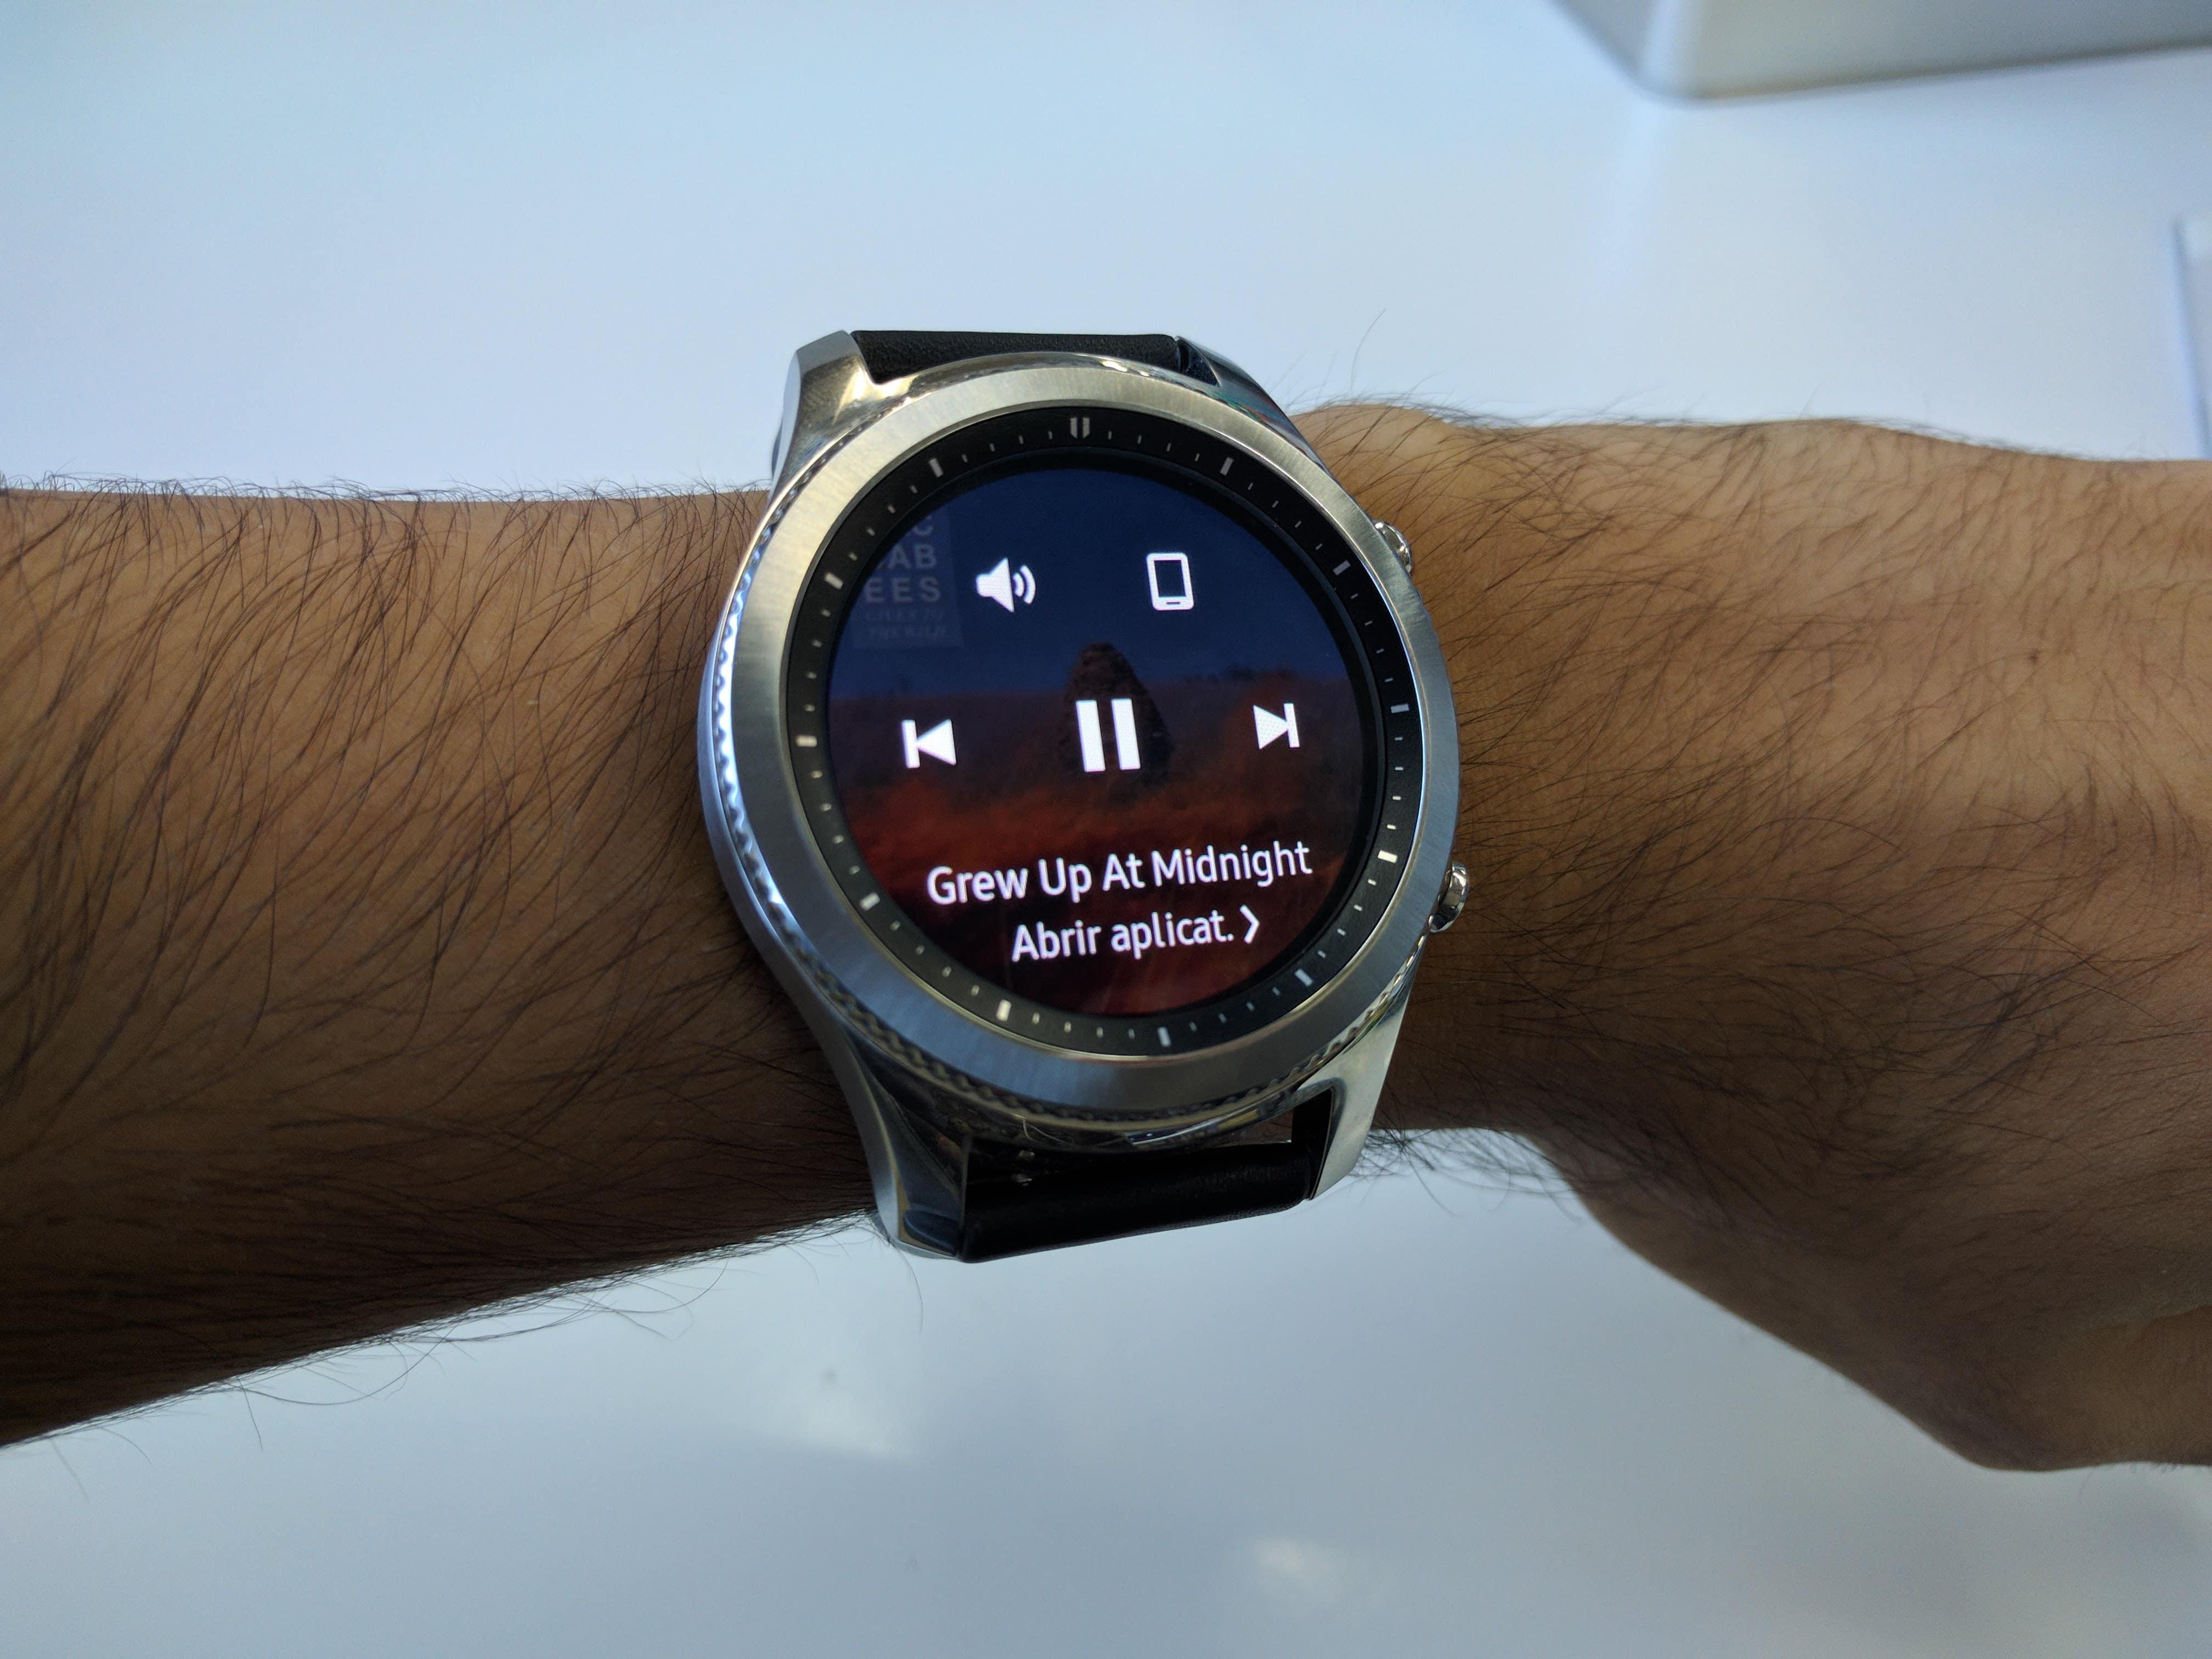 3280c338679 Parear o relógio com um celular Android que não seja um top de linha  recente da Samsung é uma tarefa um tanto ingrata. É preciso instalar nada  menos do que ...